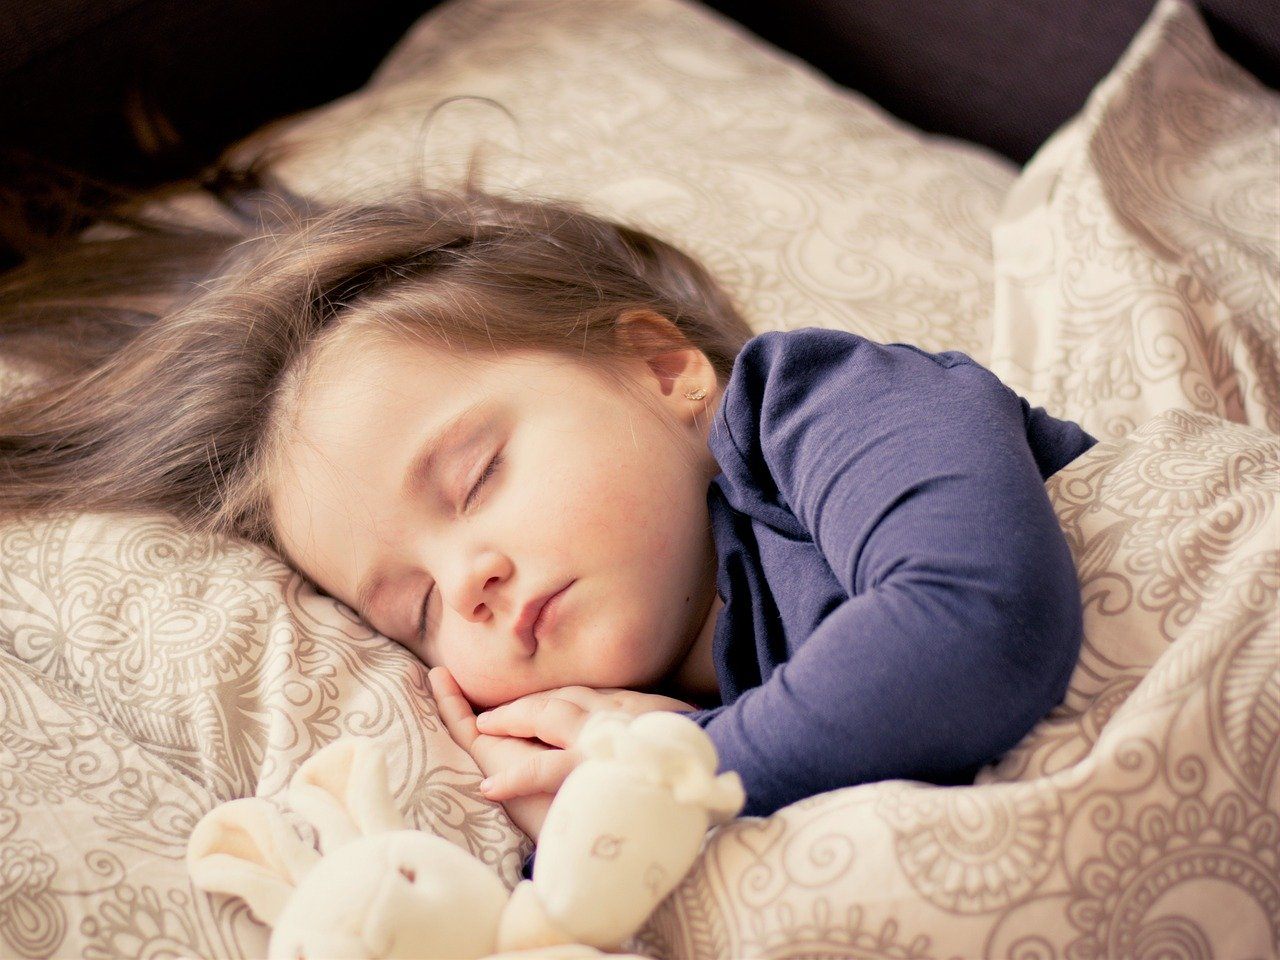 Szelki ze smyczą dla dziecka – Pierwsze kroki Twojego maluszka. Jak się do tego właściwie przygotować?